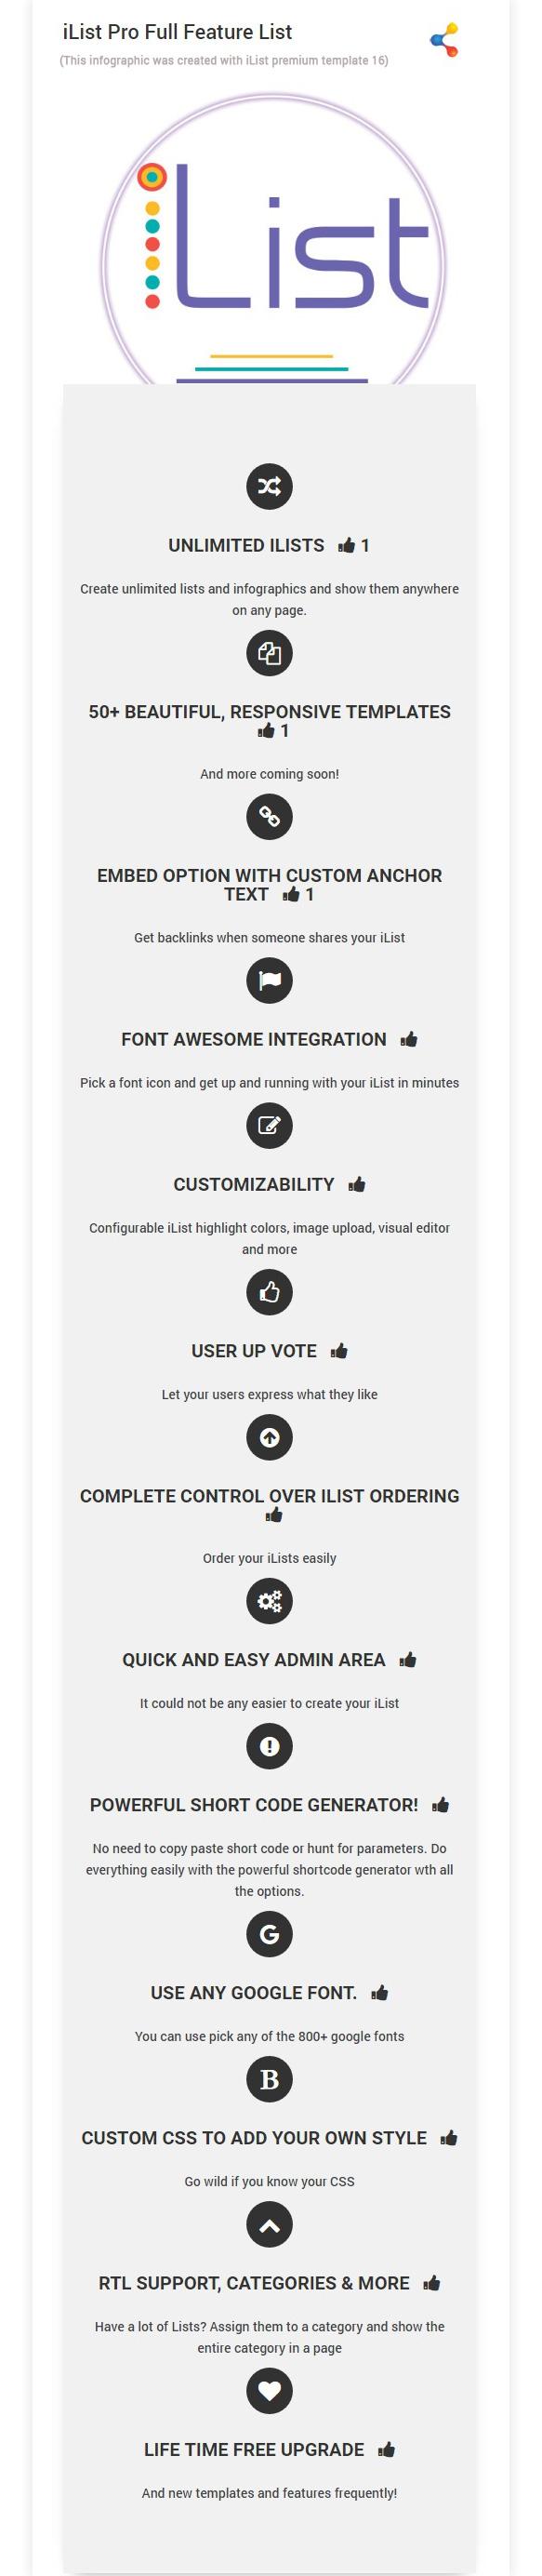 Infographic Maker - iList Pro - 13